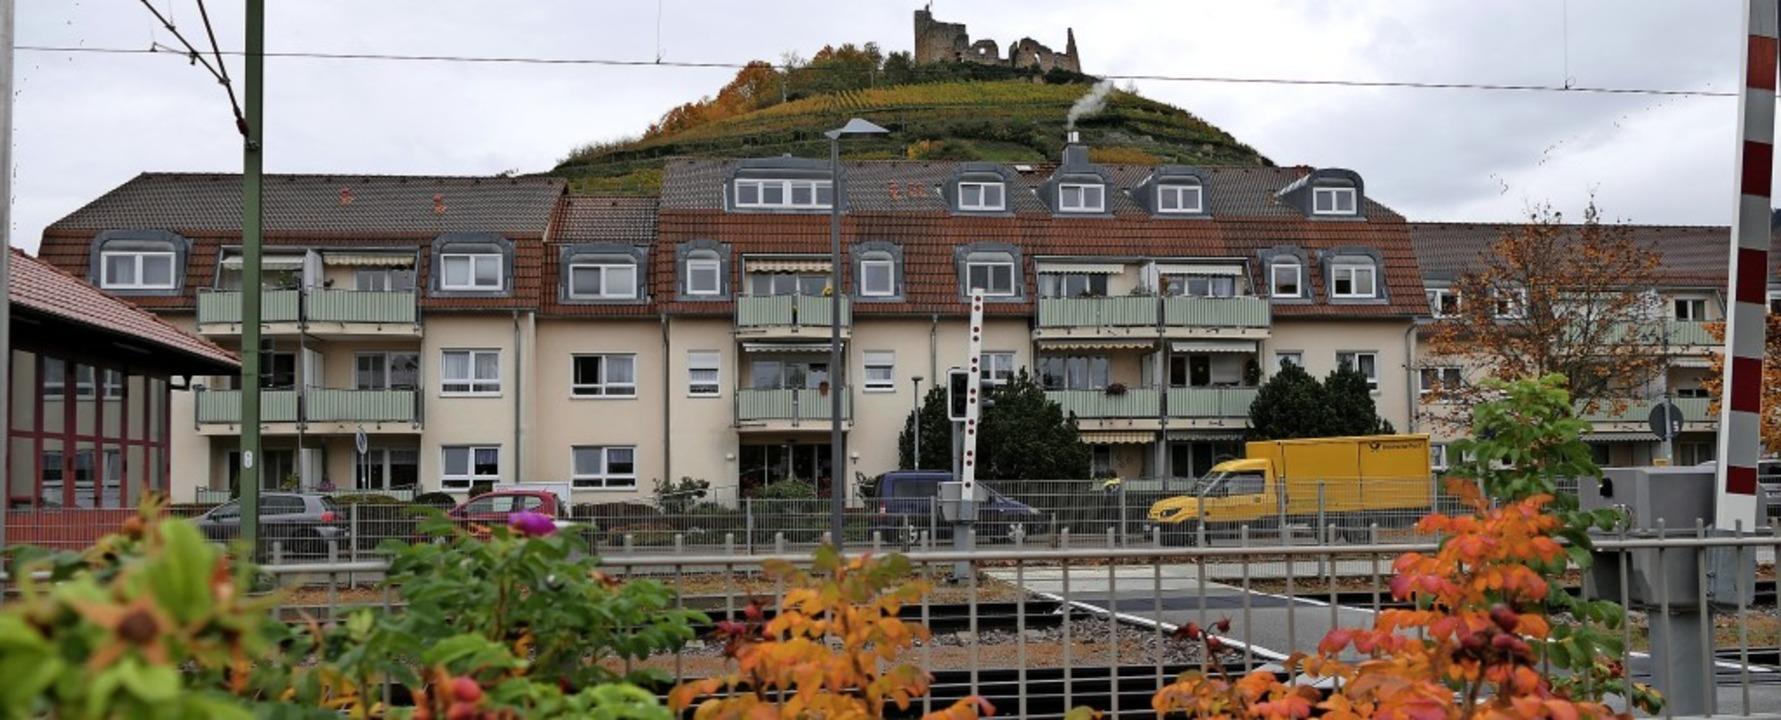 Mitten im Leben, direkt am Bahnhof und...ick: AWO-Seniorenwohnanlage in Staufen  | Foto: Hans-Peter Müller